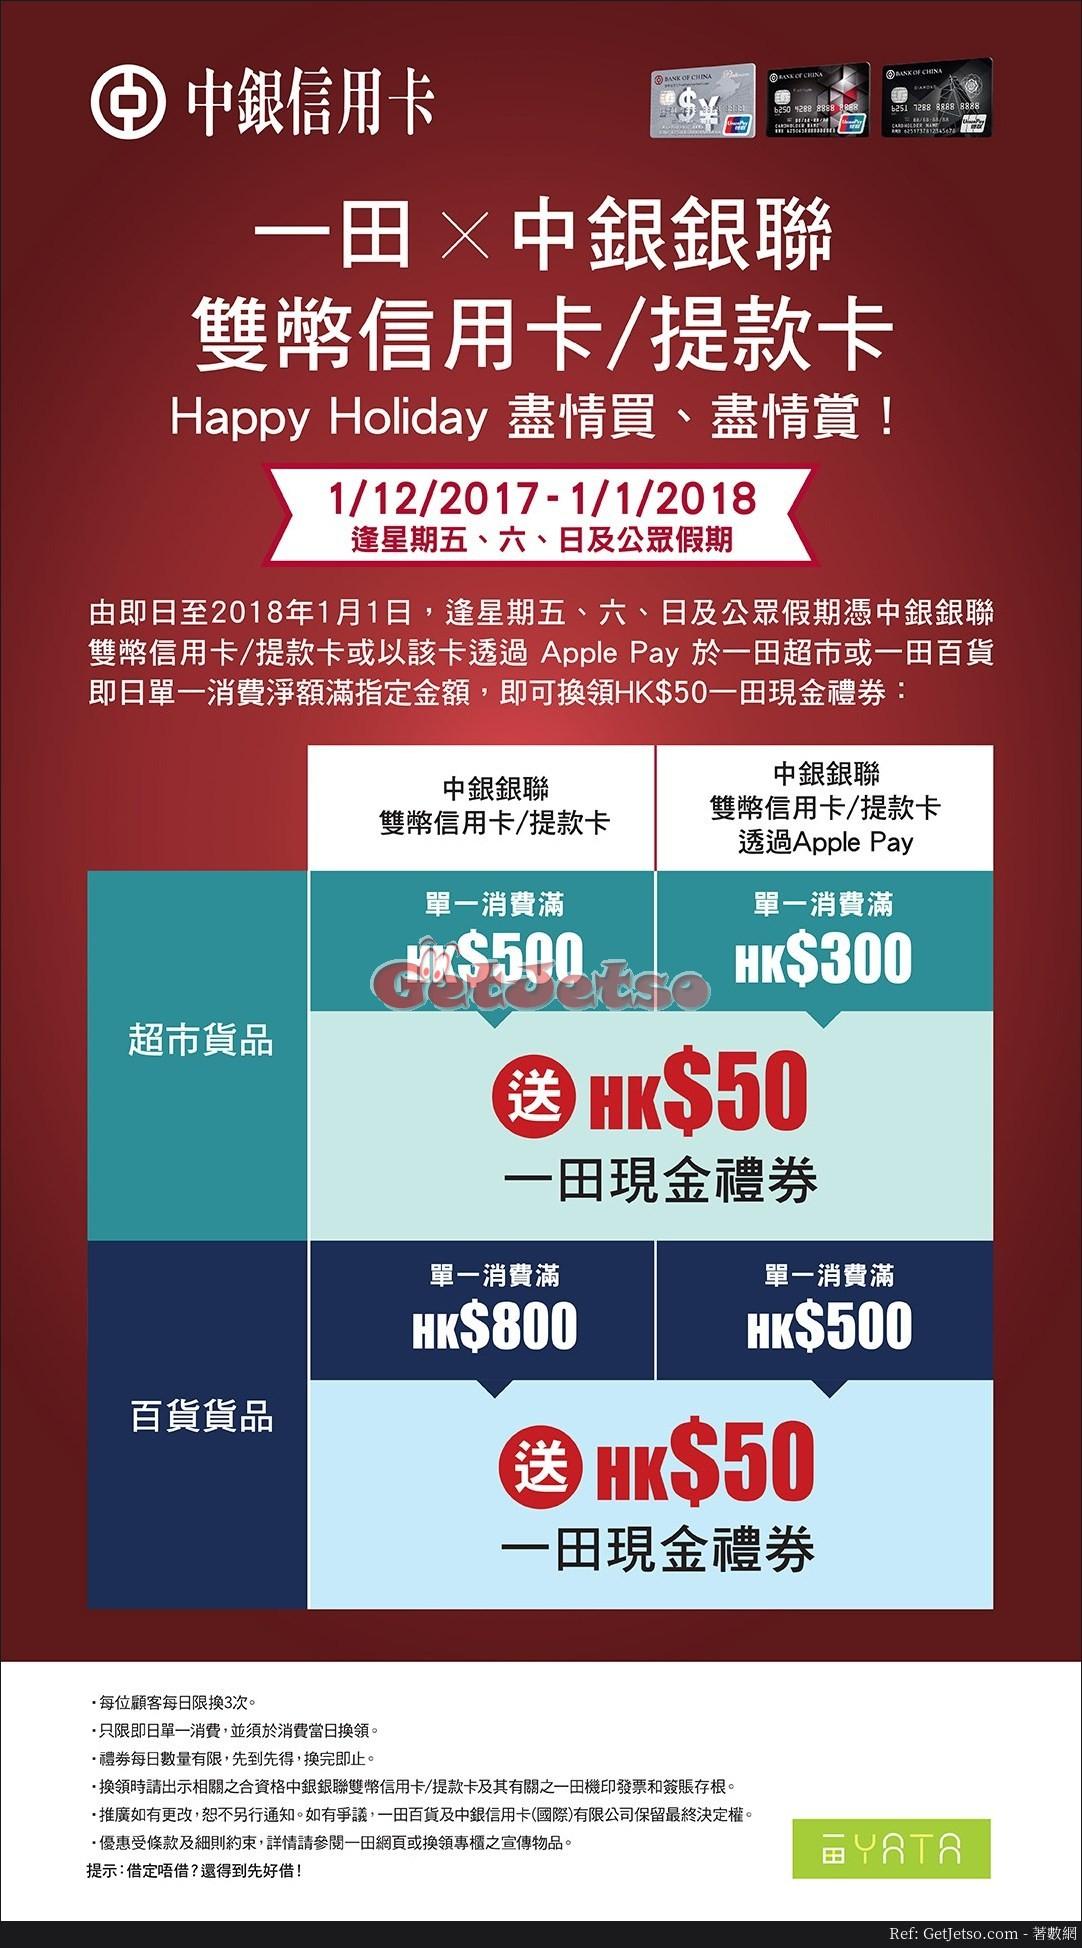 一田百貨x中銀銀聯雙幣信用卡購物優惠(至18年1月1日)